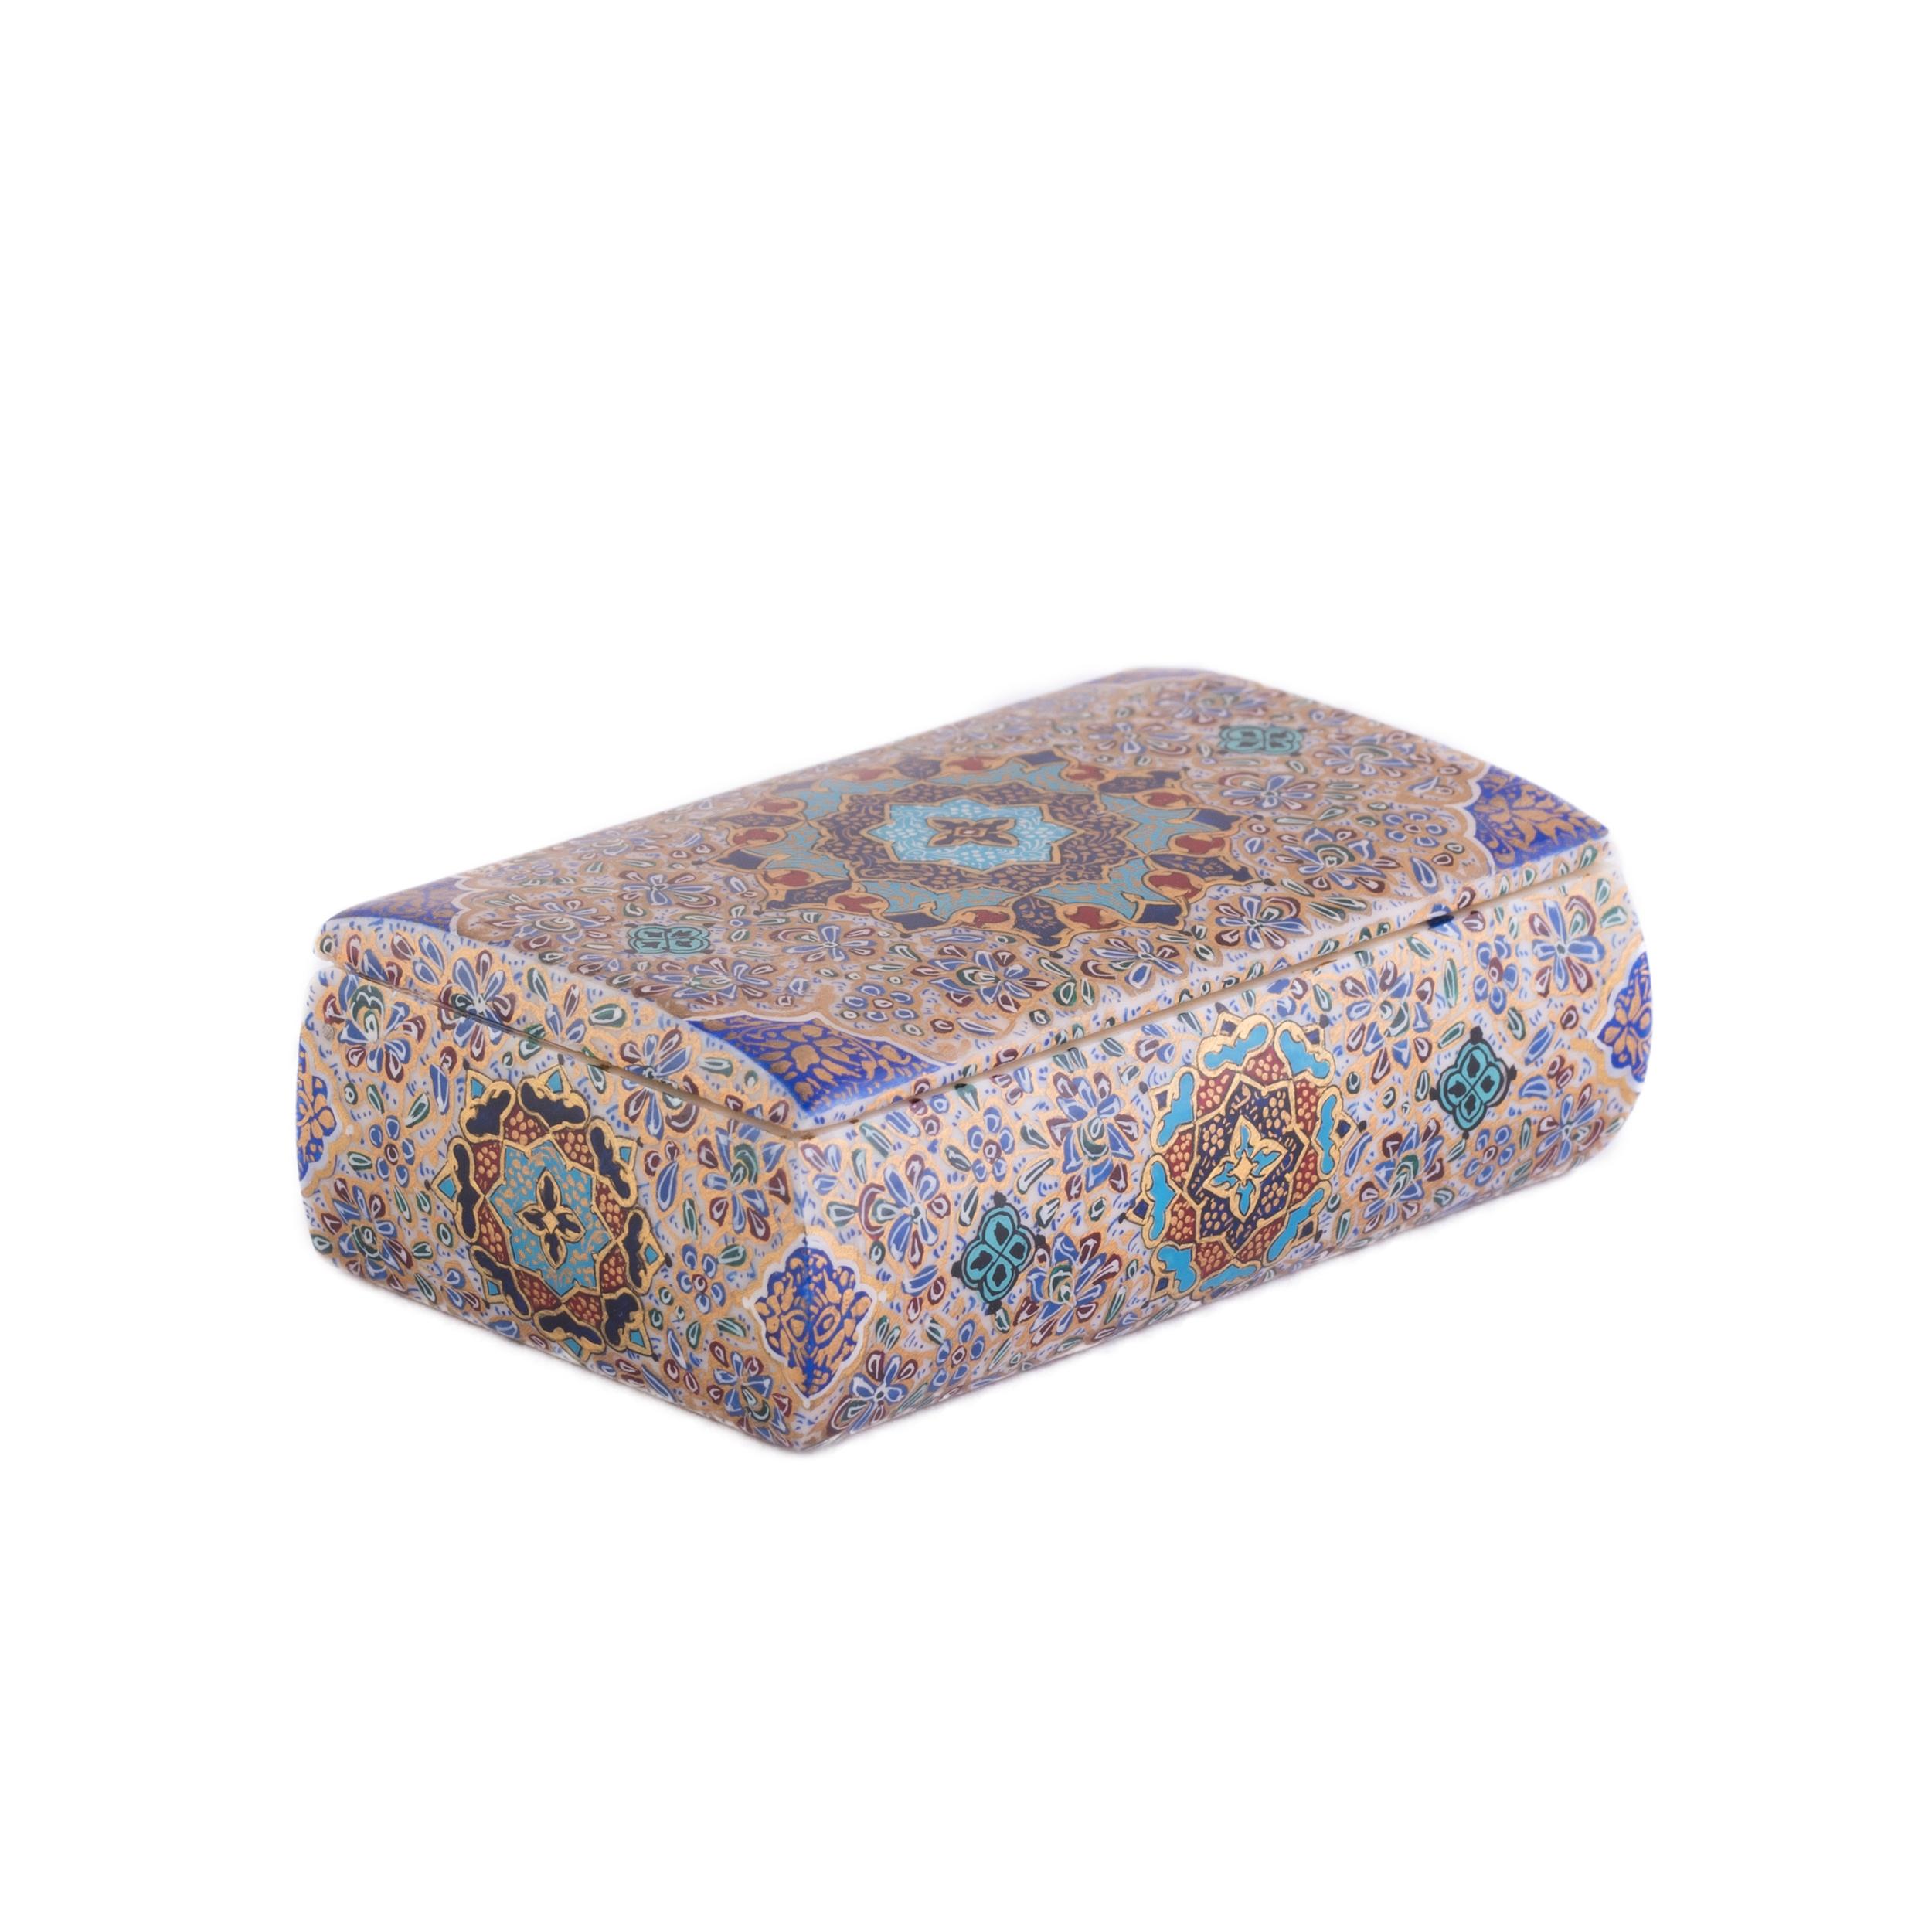 جعبه جواهرات استخوانی مدل کبریتی تذهیب